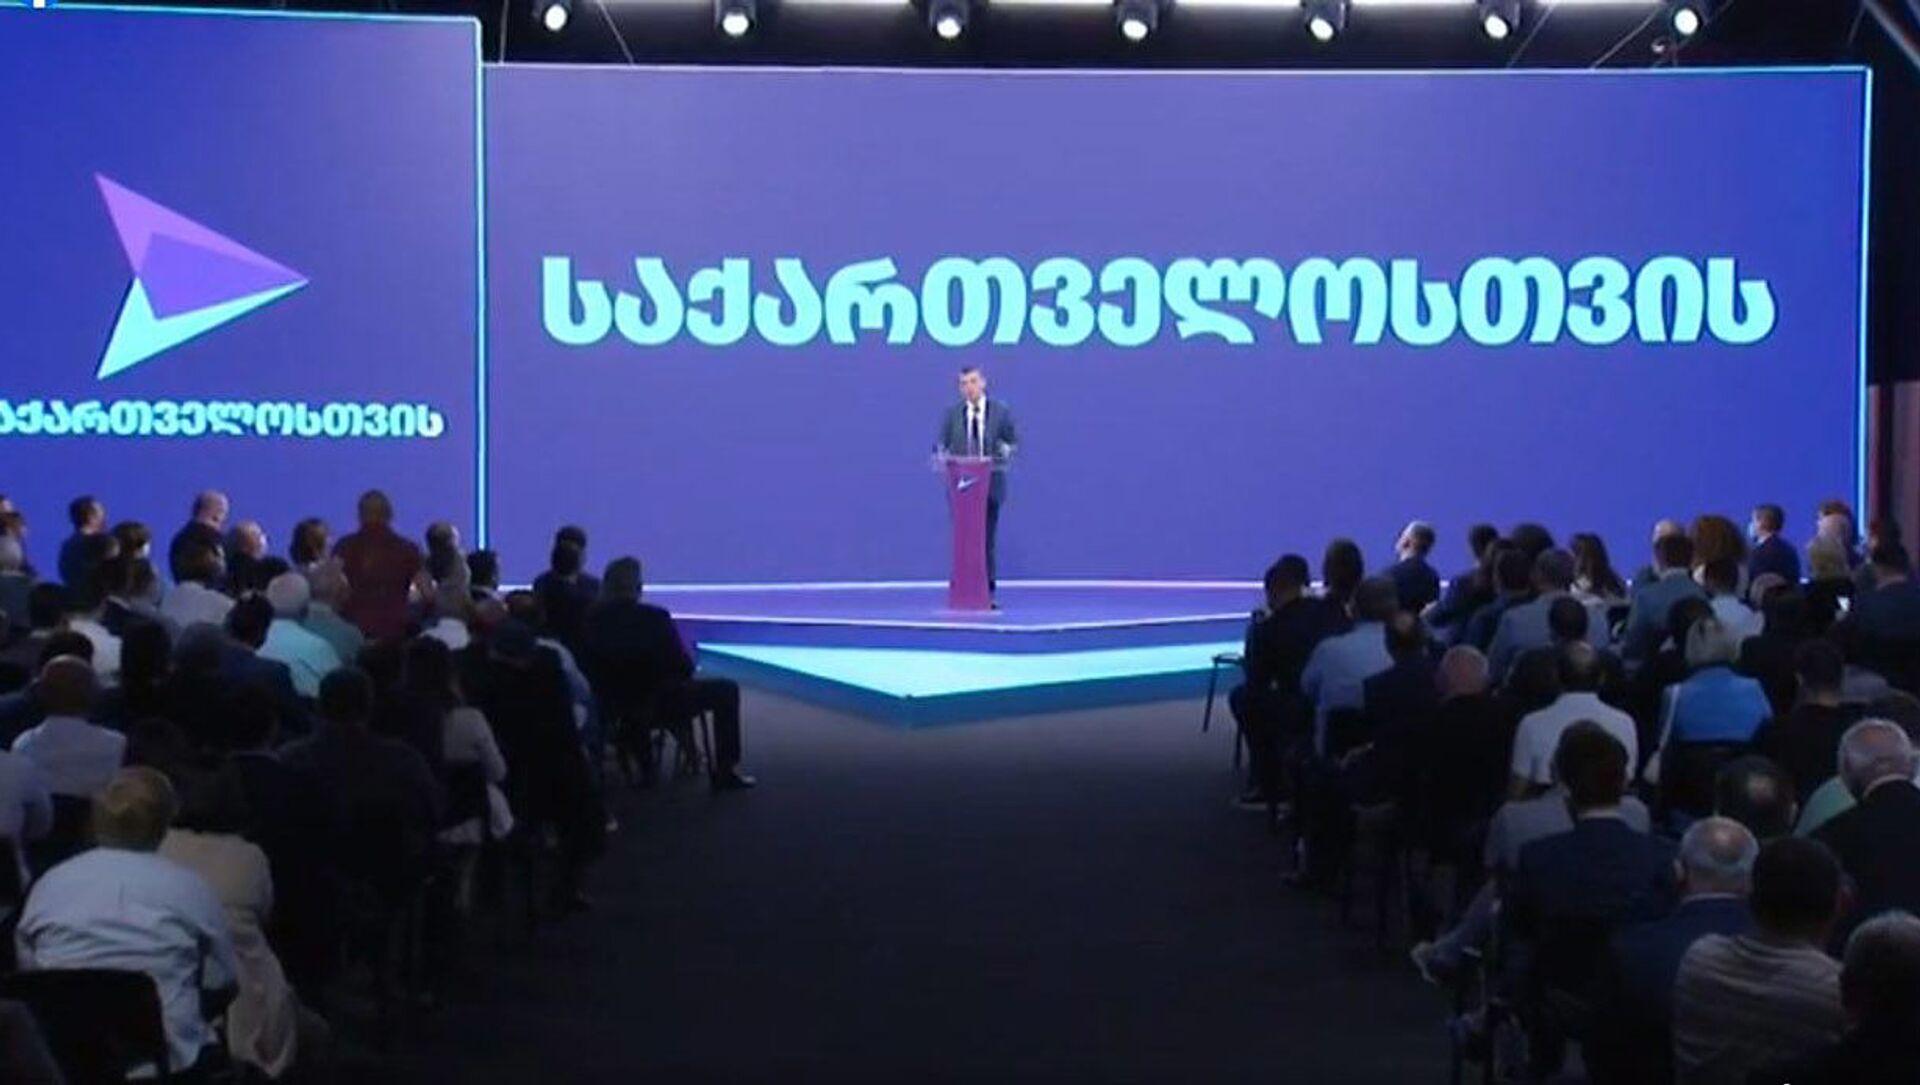 Георгий Гахария на презентации своей партии За Грузию - Sputnik Грузия, 1920, 29.05.2021